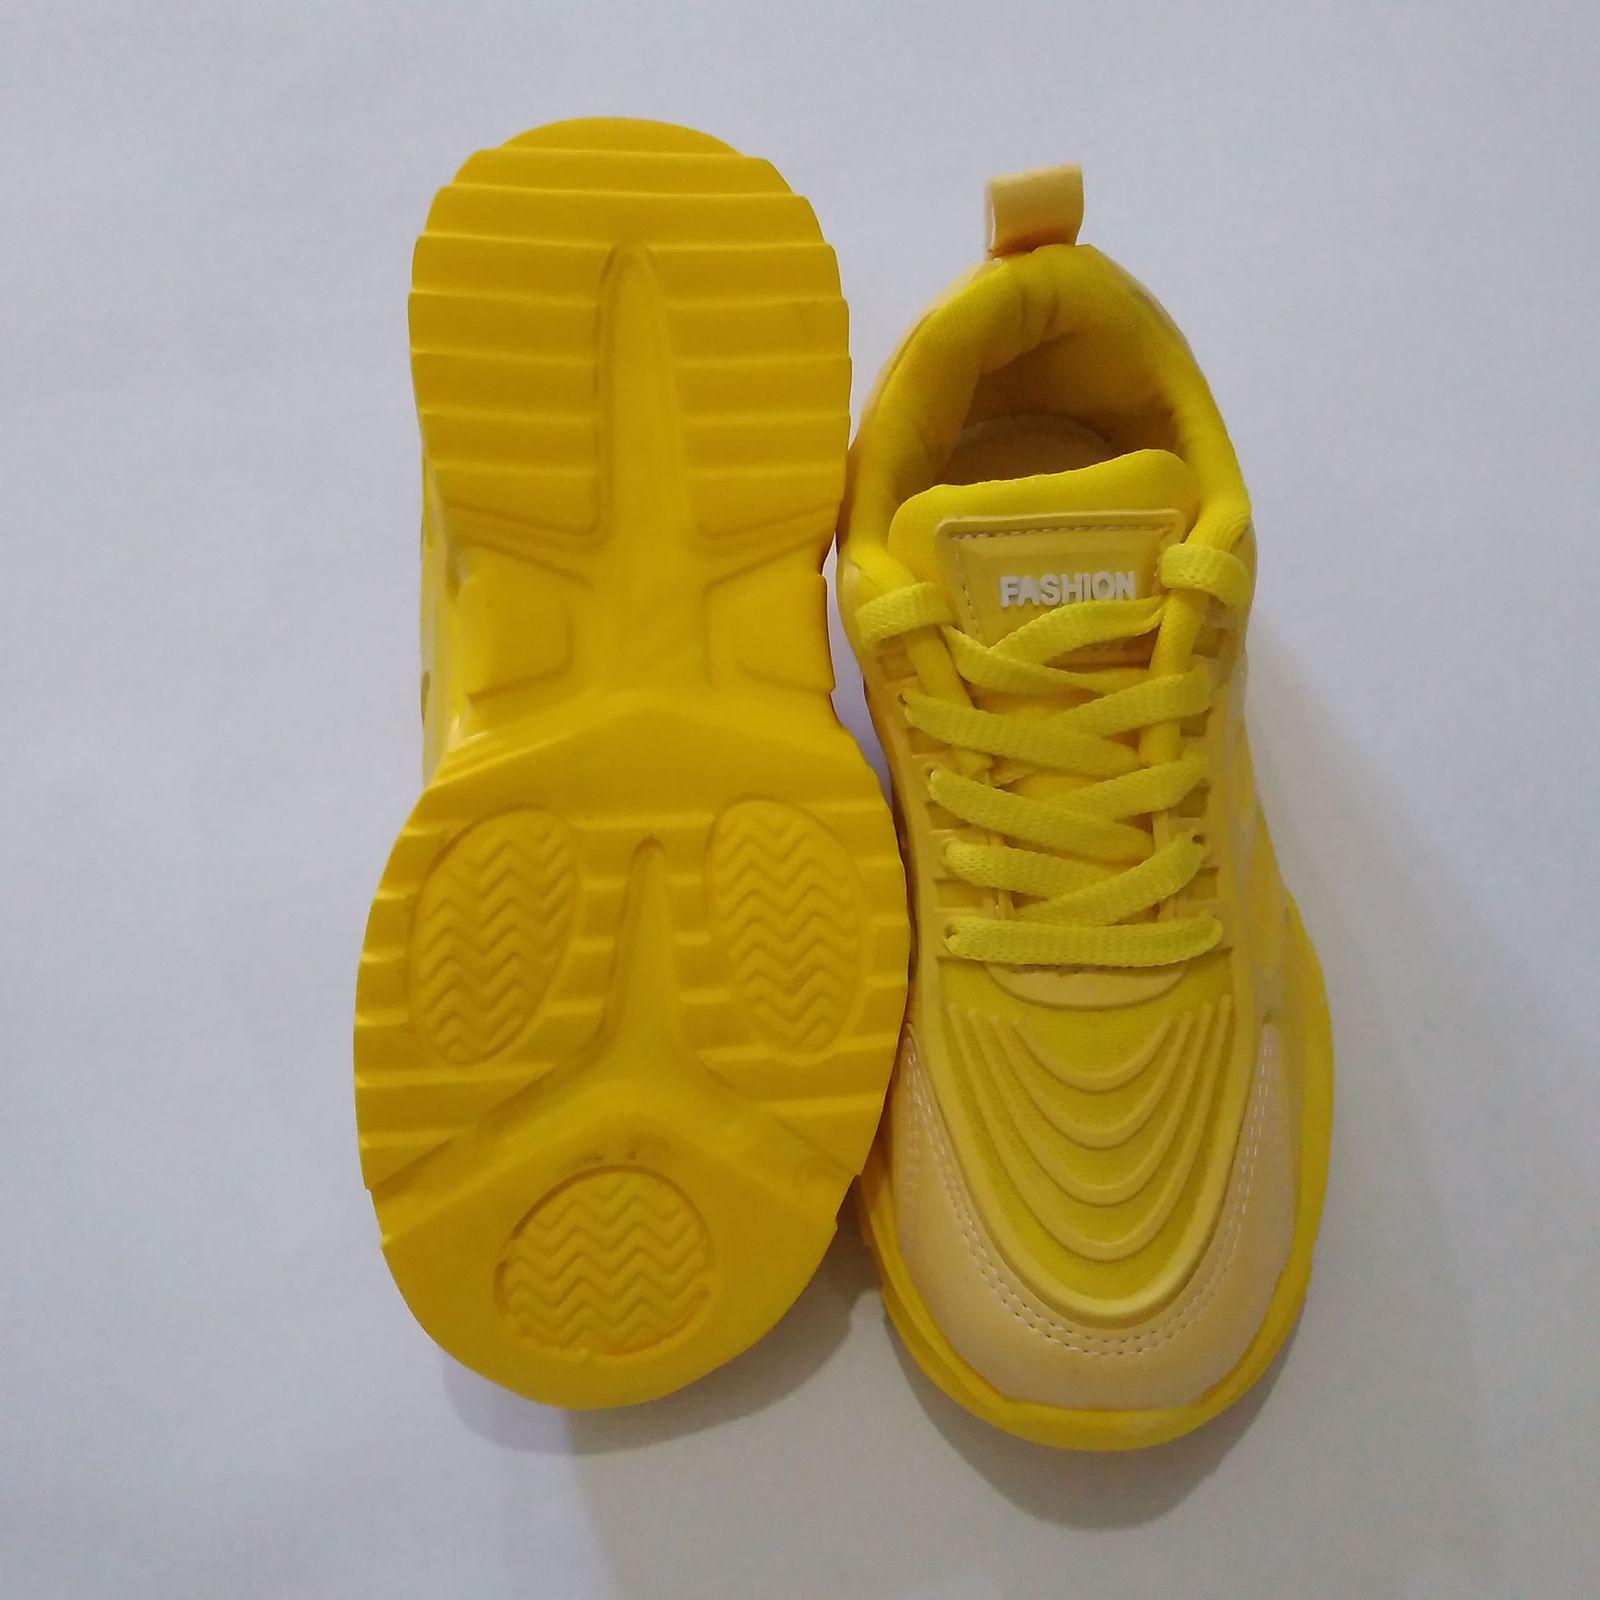 کفش پیاده روی دخترانه کد 1443 -  - 6